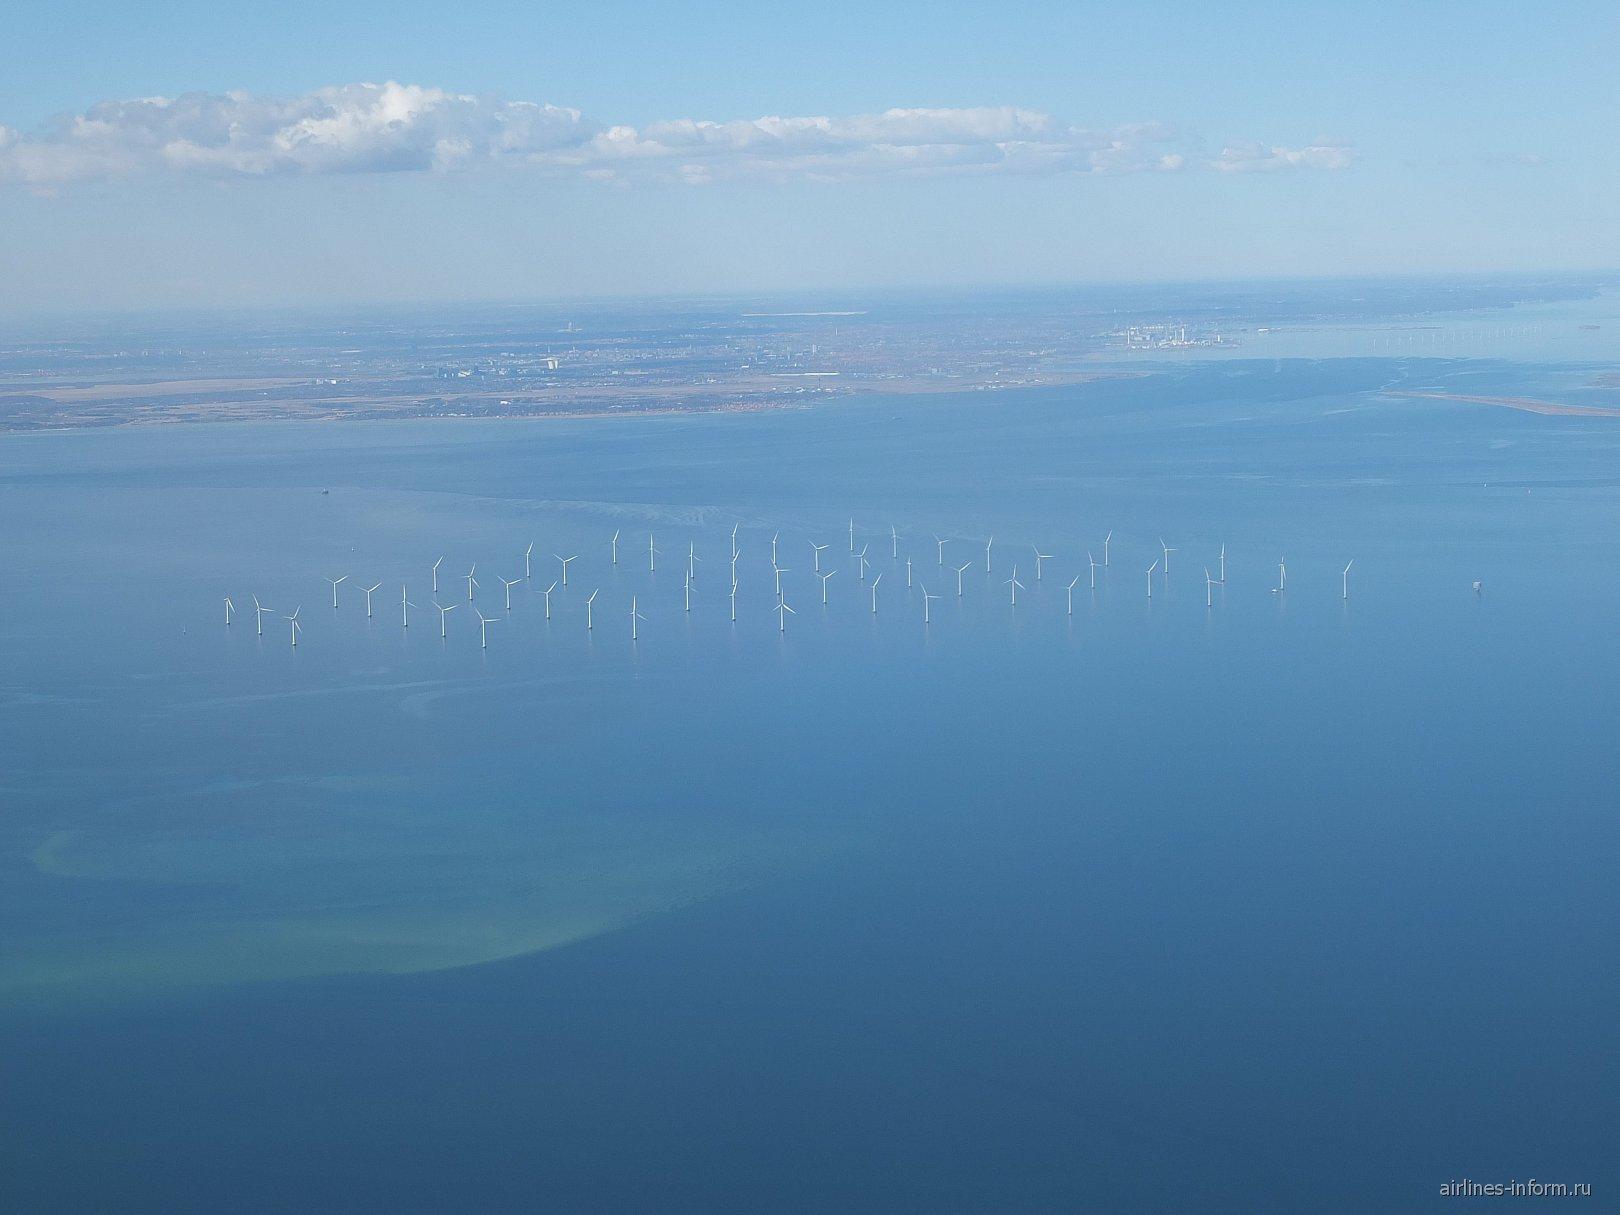 Ветряная электростанция в Эресуннском проливе Балтийском море